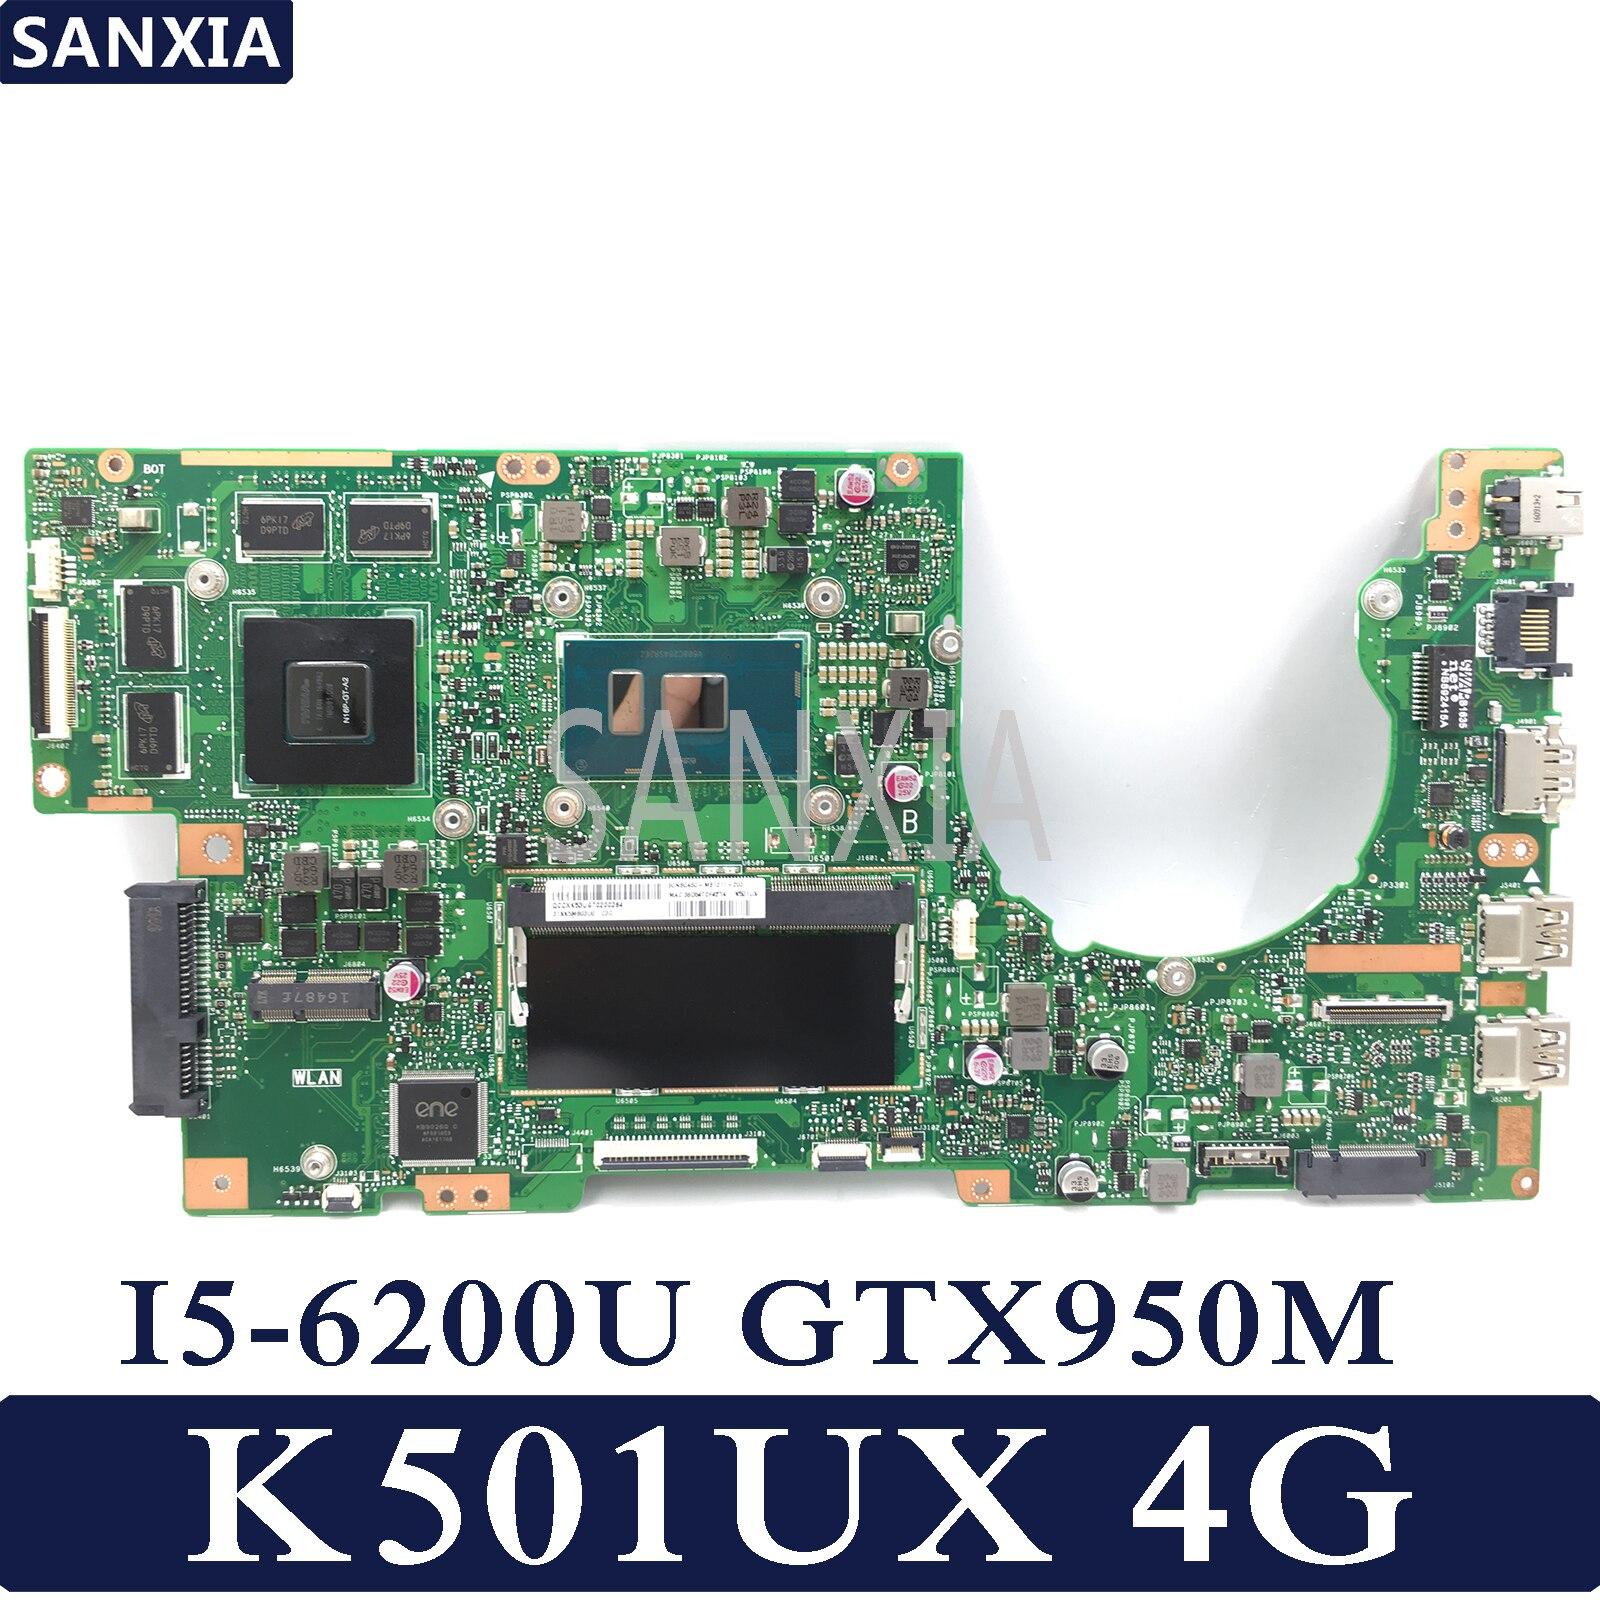 KEFU K501UX Laptop motherboard for ASUS K501UX K501UB original mainboard DDR3 4G RAM I5 6200U GTX950M